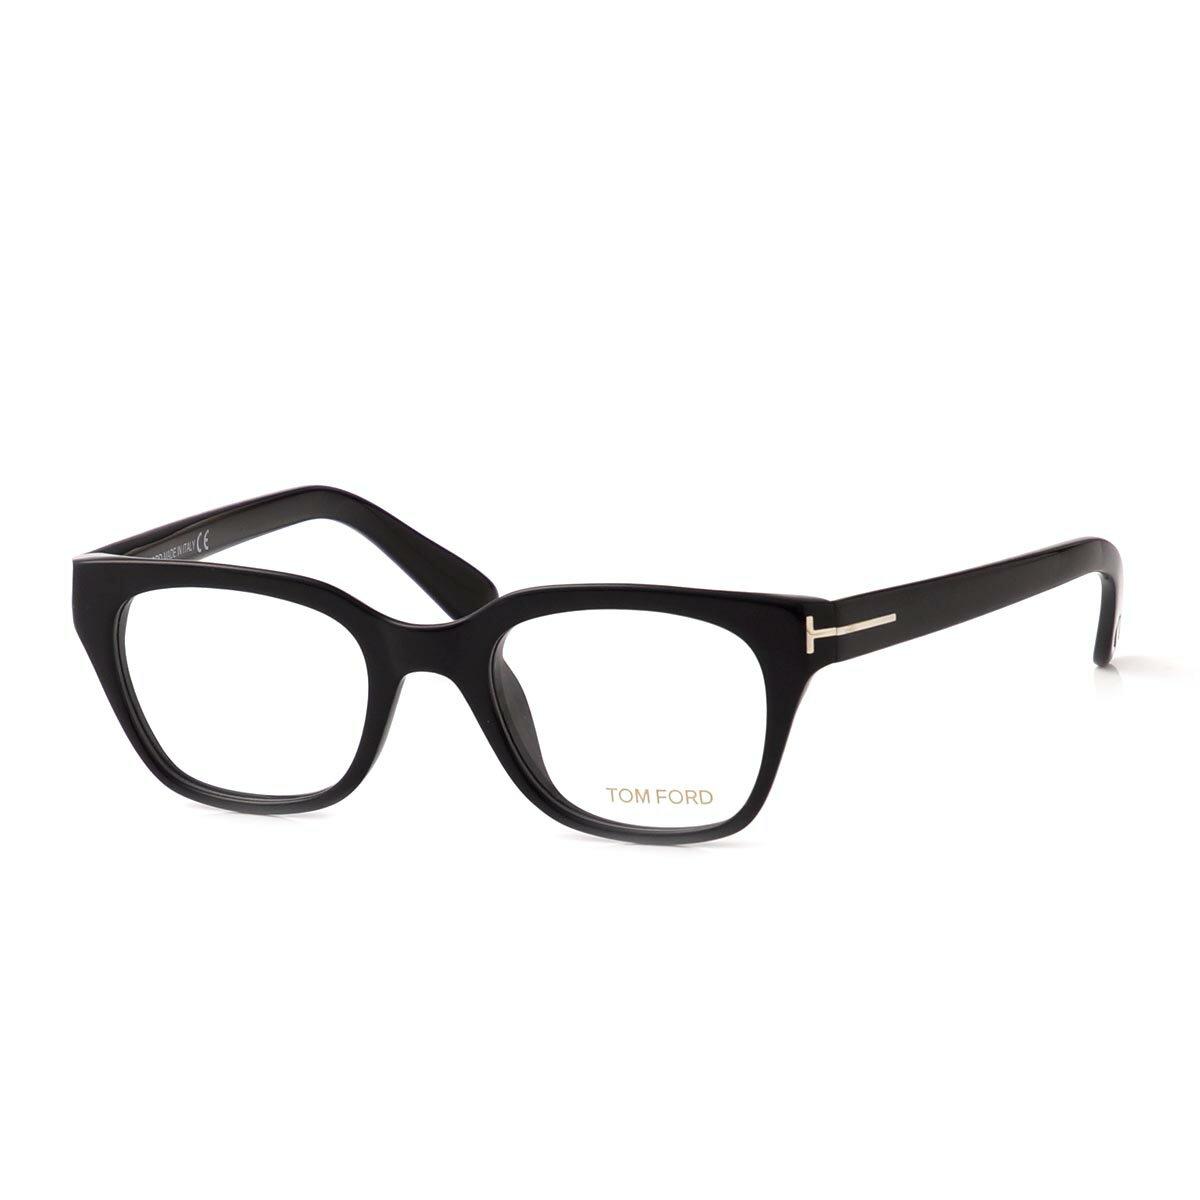 トムフォード TOM FORD 眼鏡 メガネ ブラック メンズ フレーム ft4240 001 ウェリントン【あす楽対応_関東】【ラッピング無料】【返品送料無料】